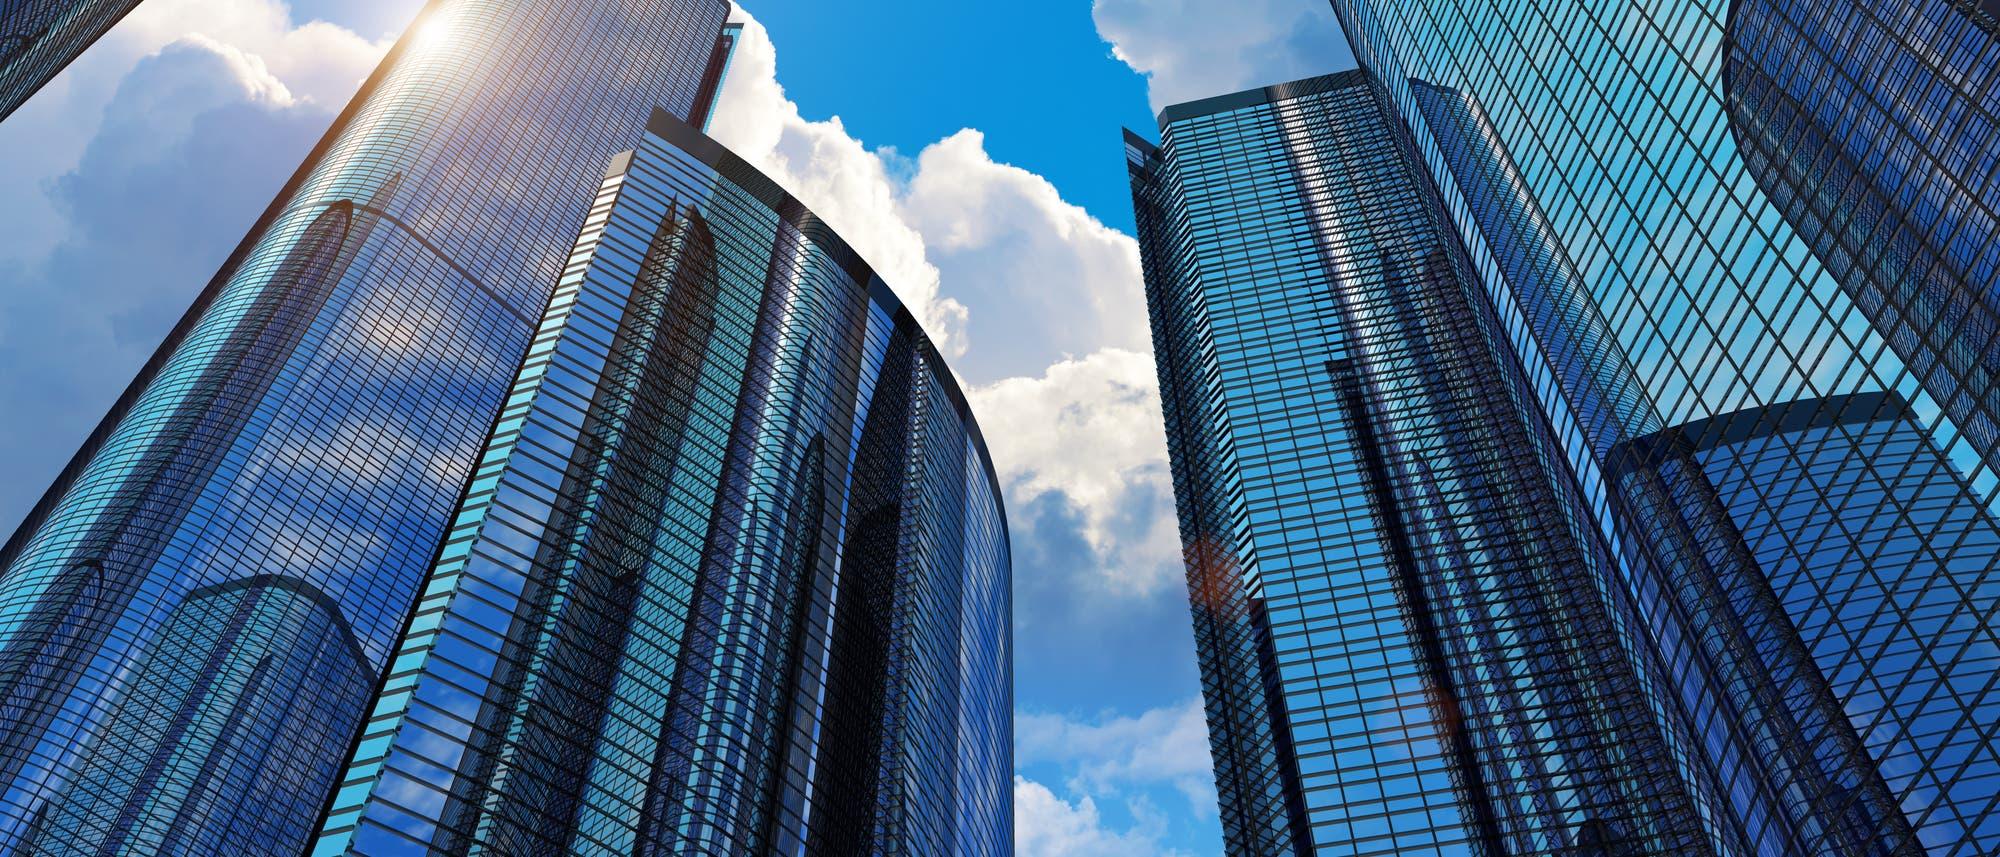 Mehrere Hochhäuser mit Glasfassaden vor blauem Himmel.